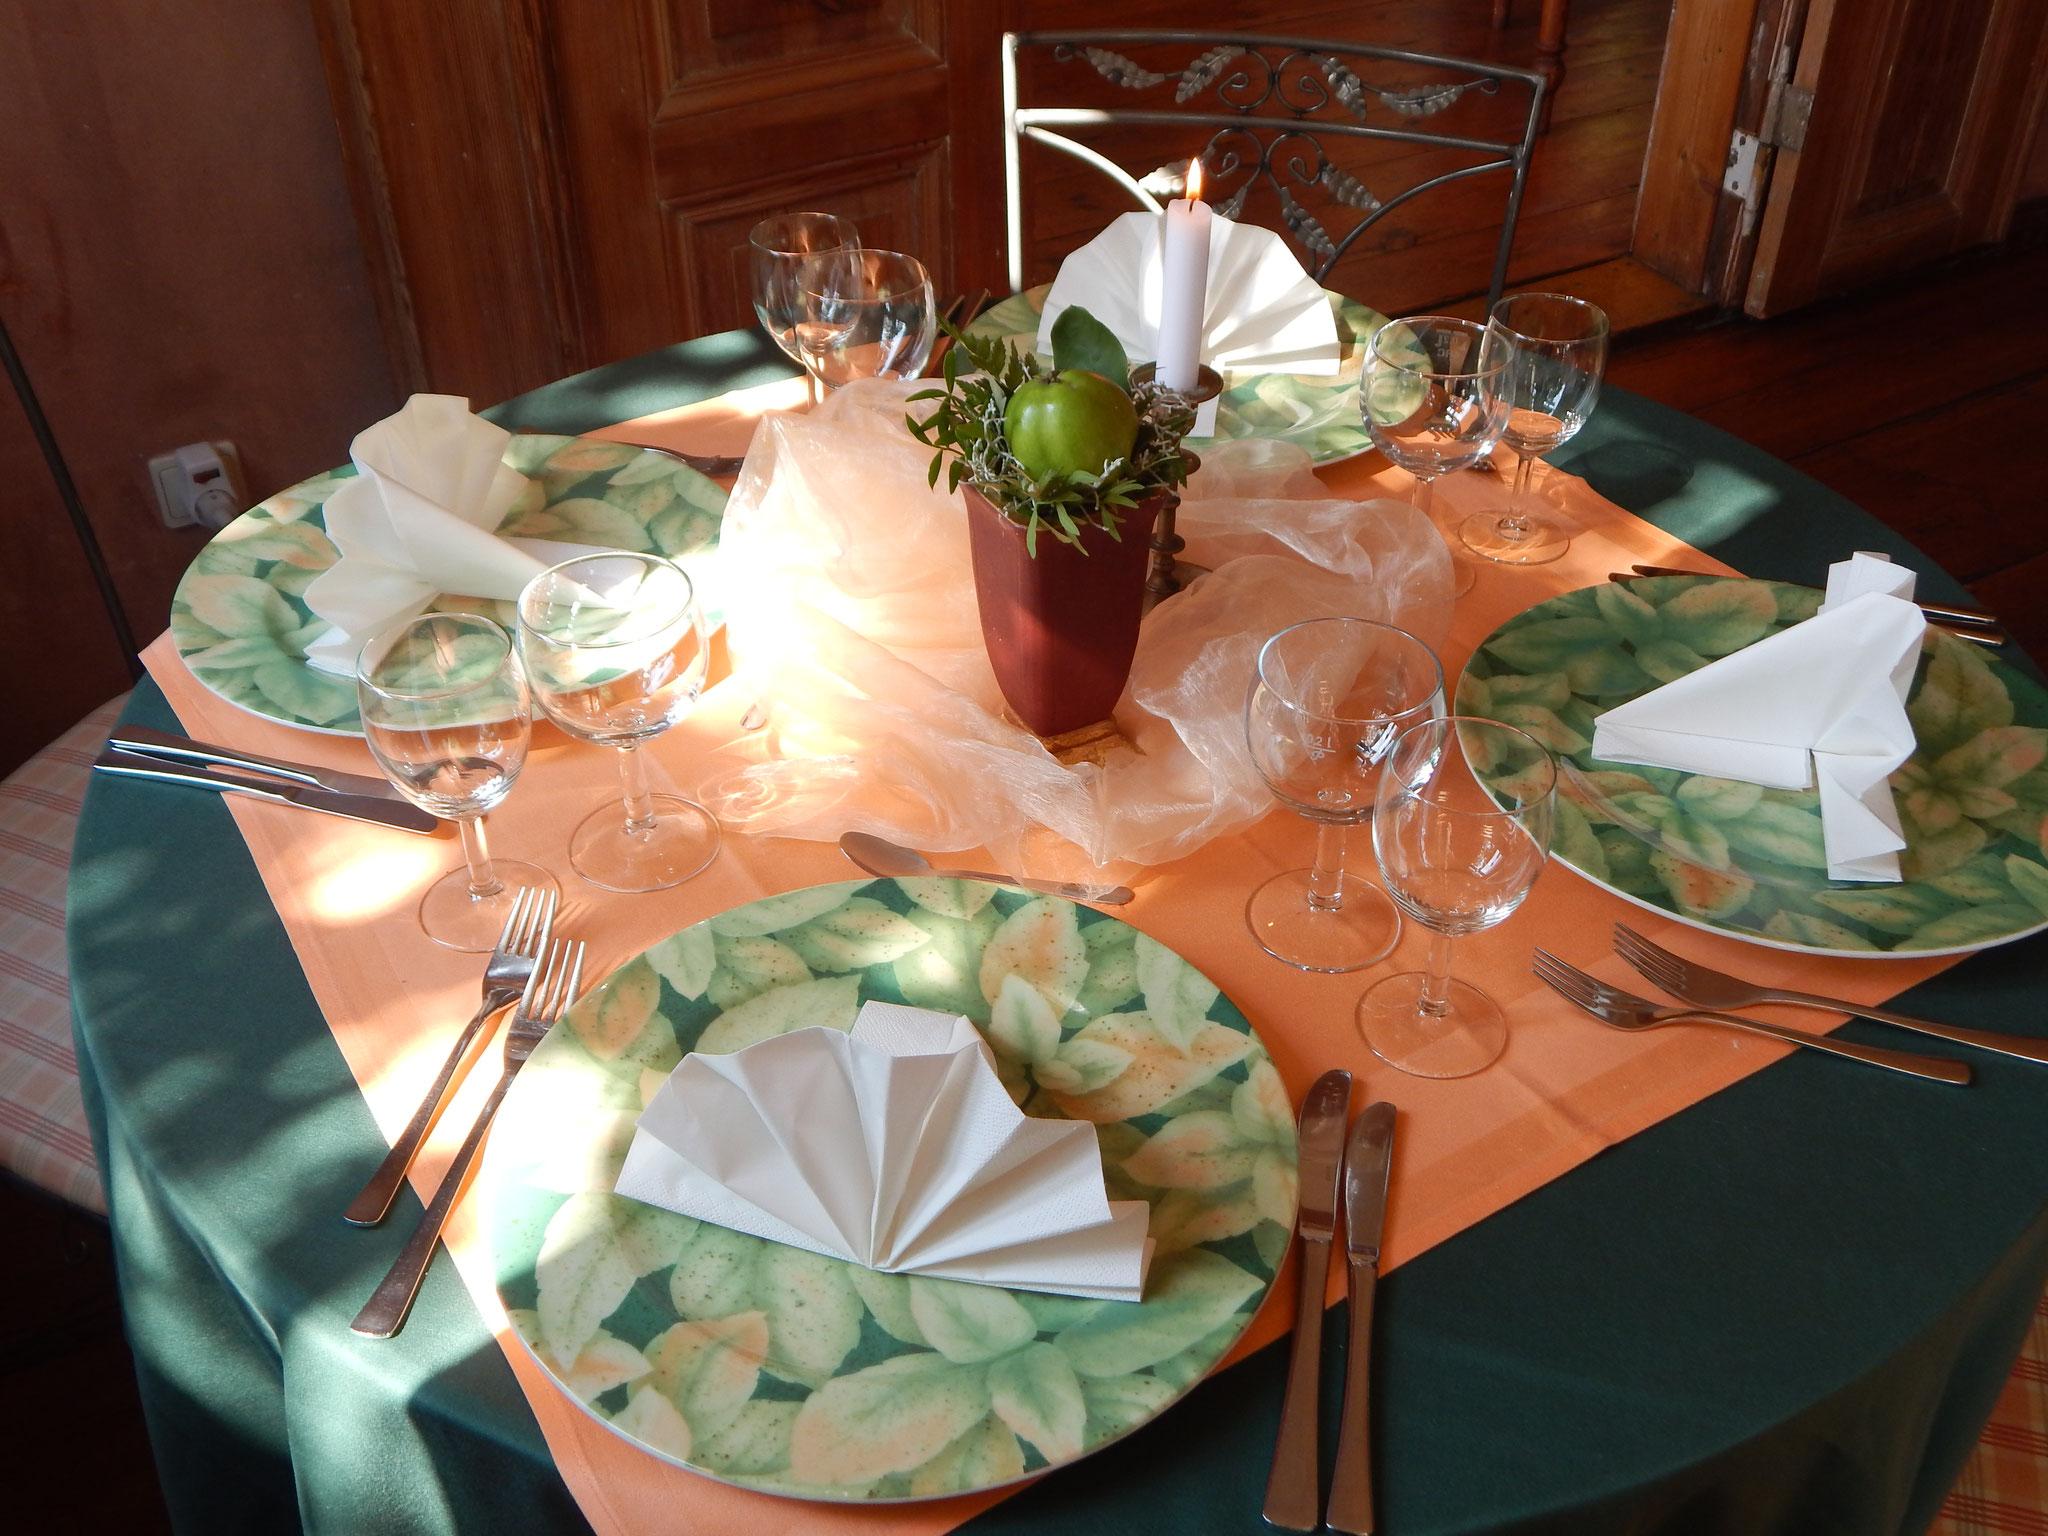 Schön feiern im Hotel Alte Försterei Kloster Zinna